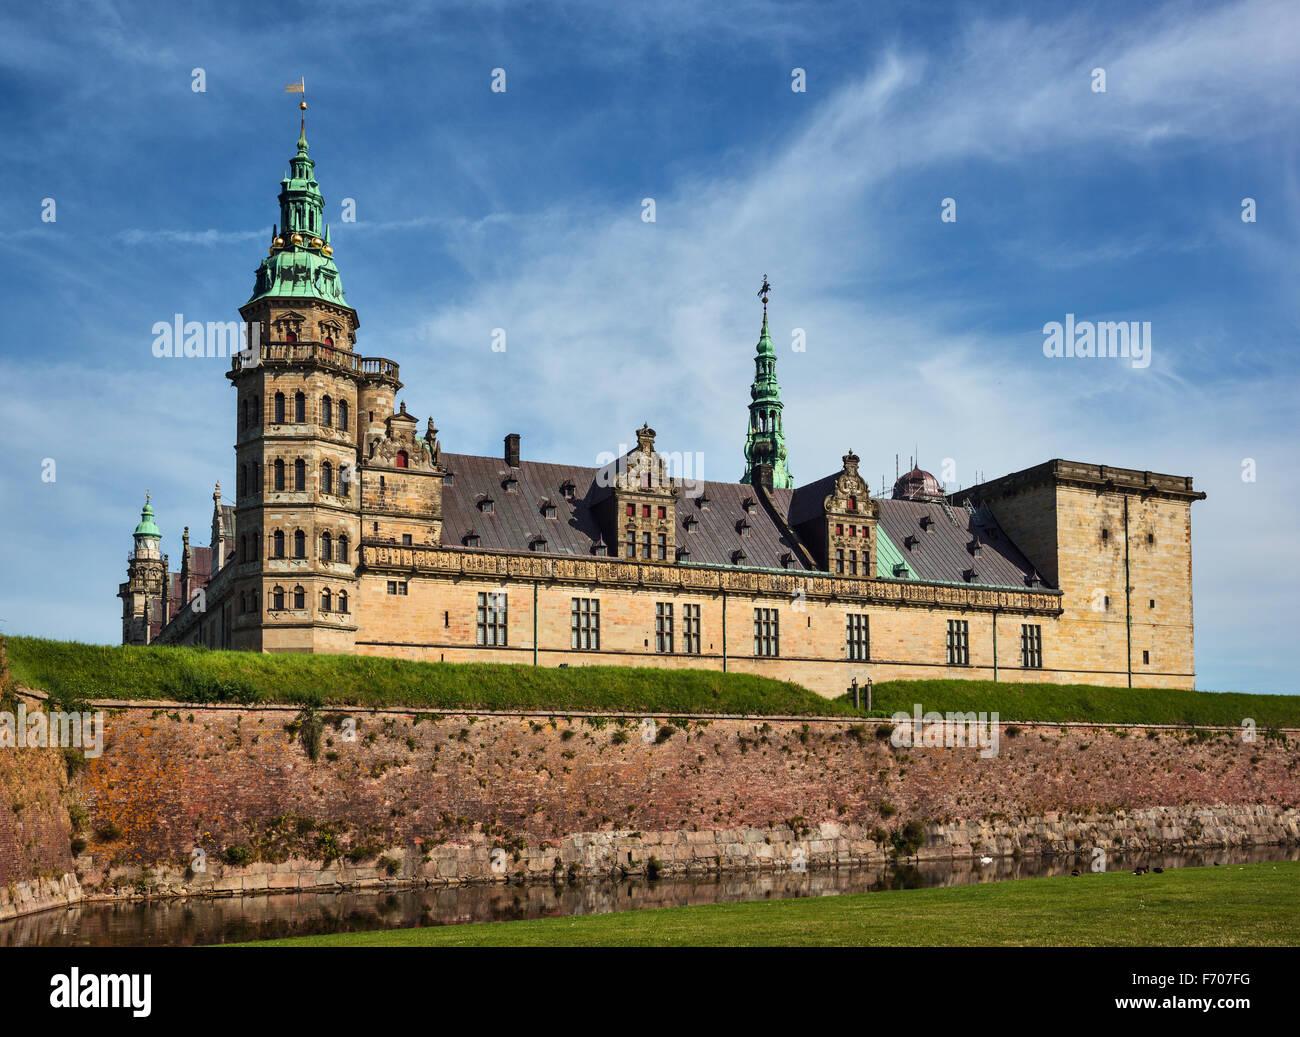 Kronborg castle the Helsingor (Elsinore) town, Denmark - Stock Image